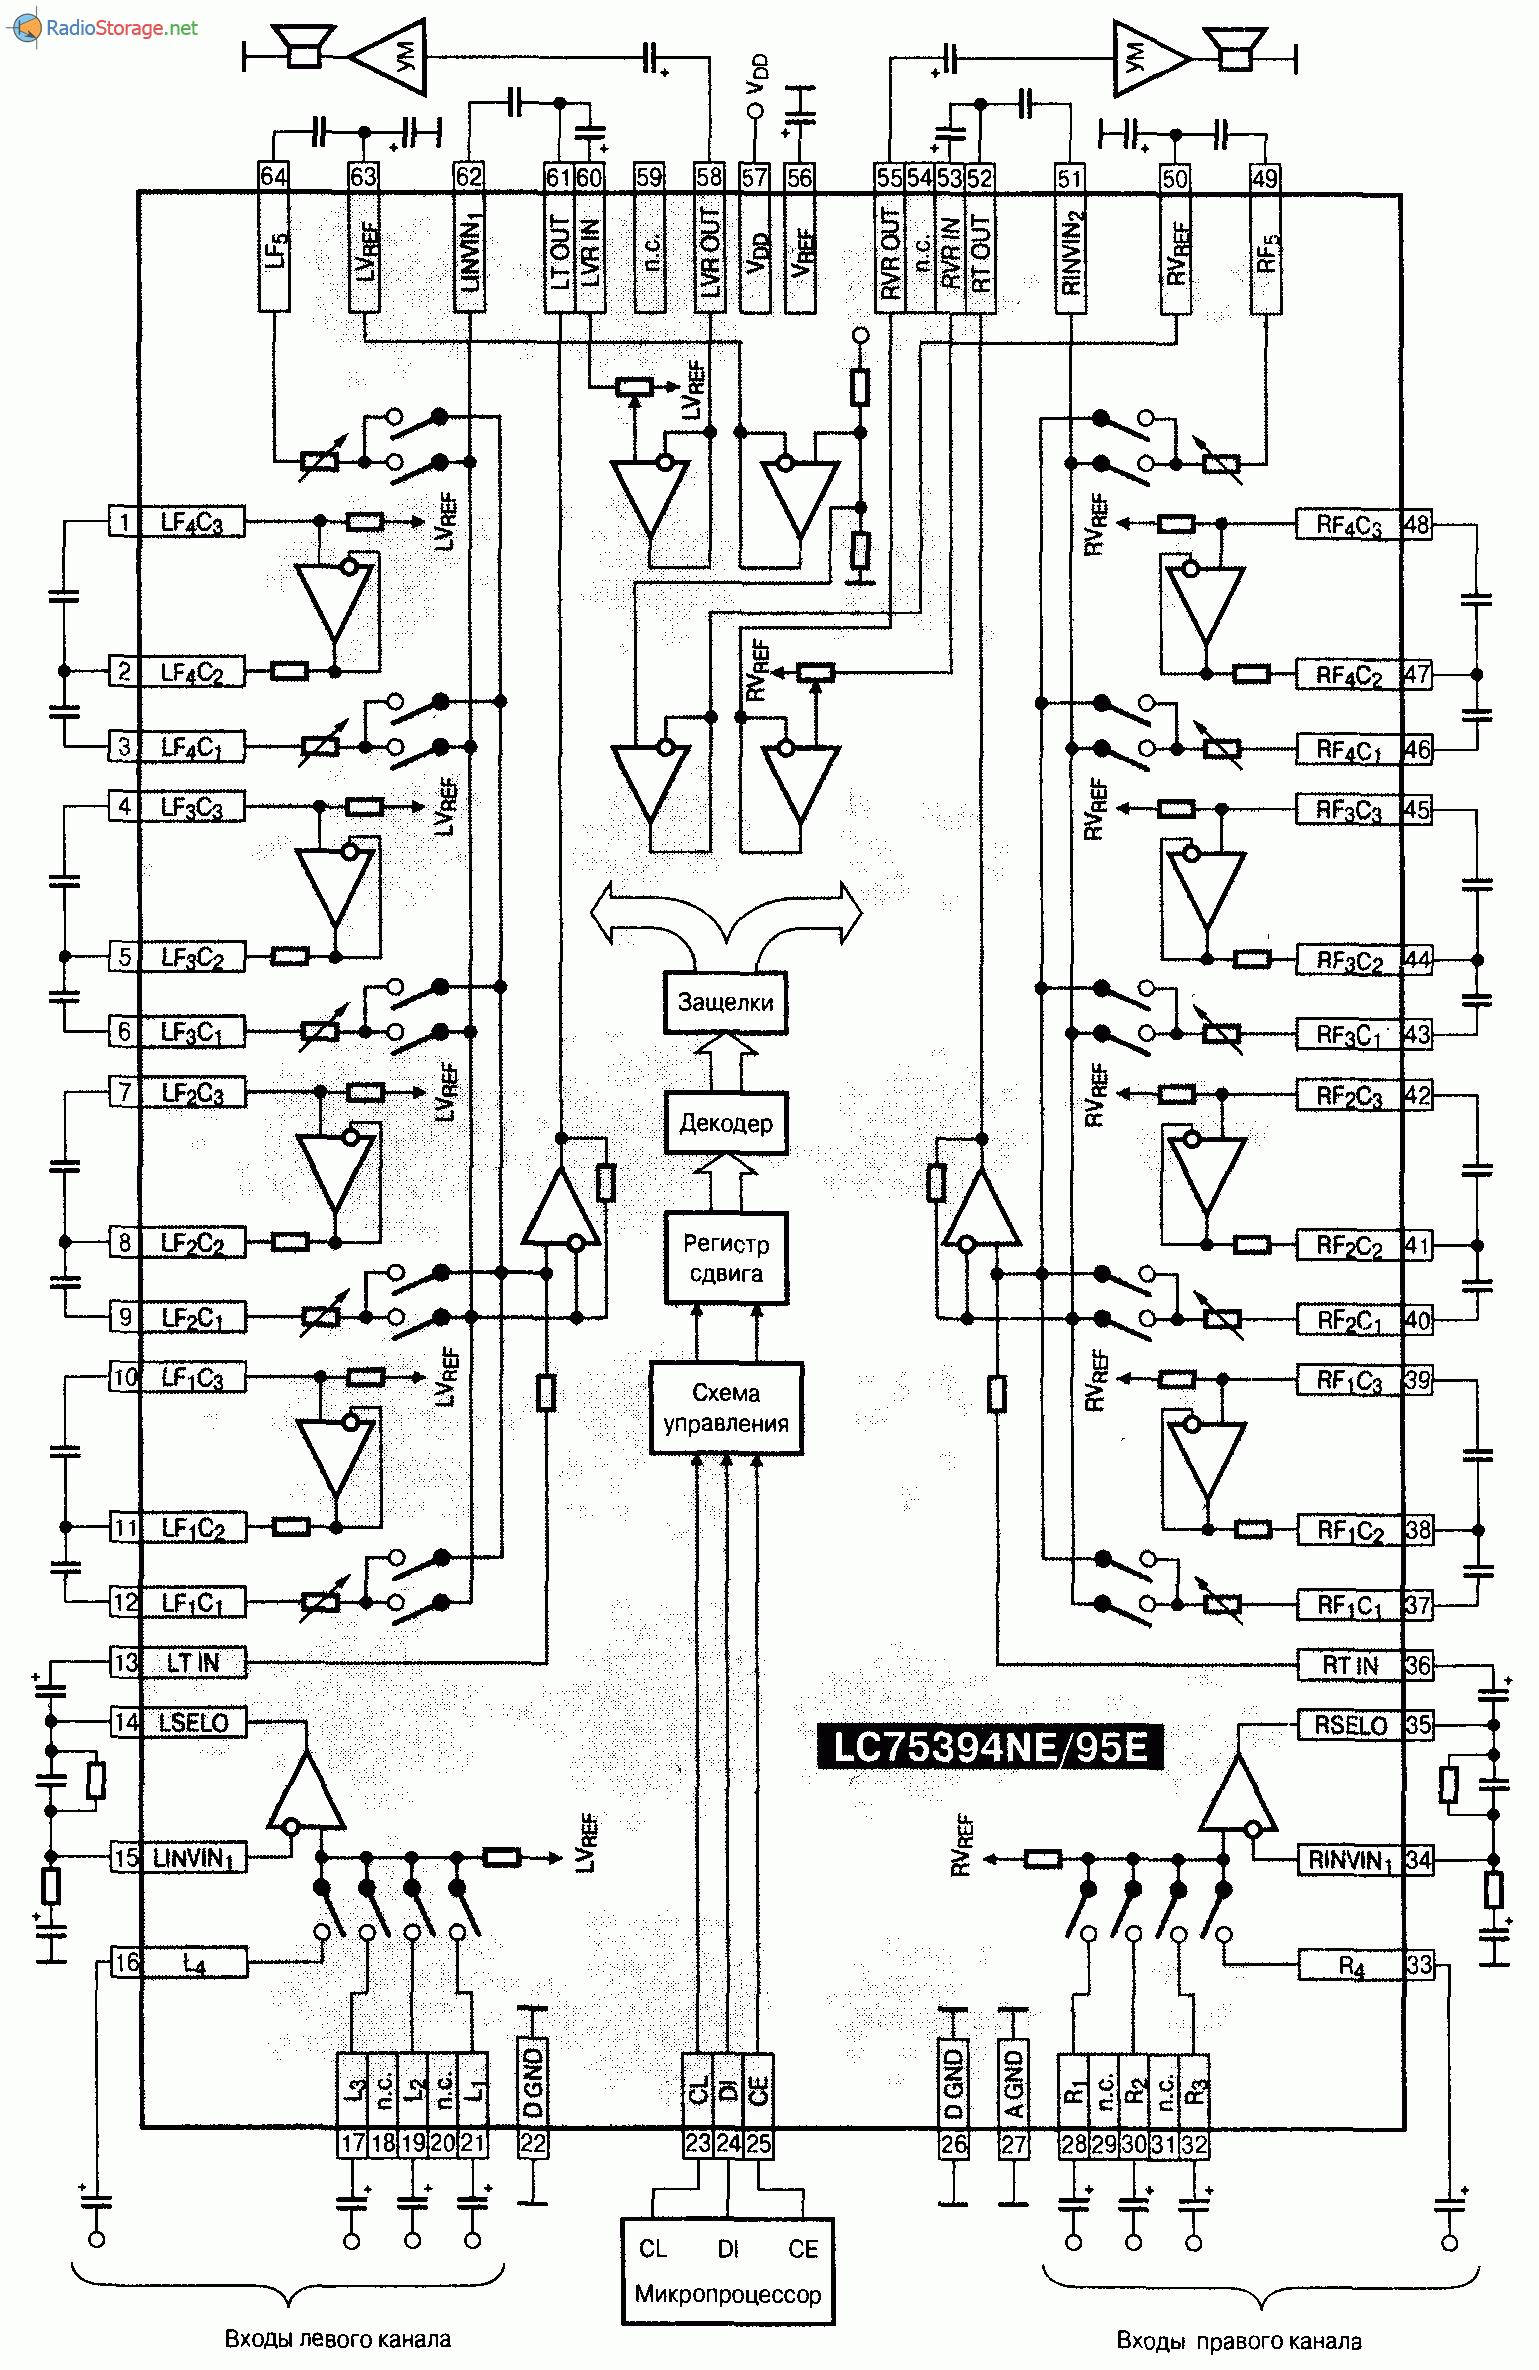 регулятор громкости схема вкл